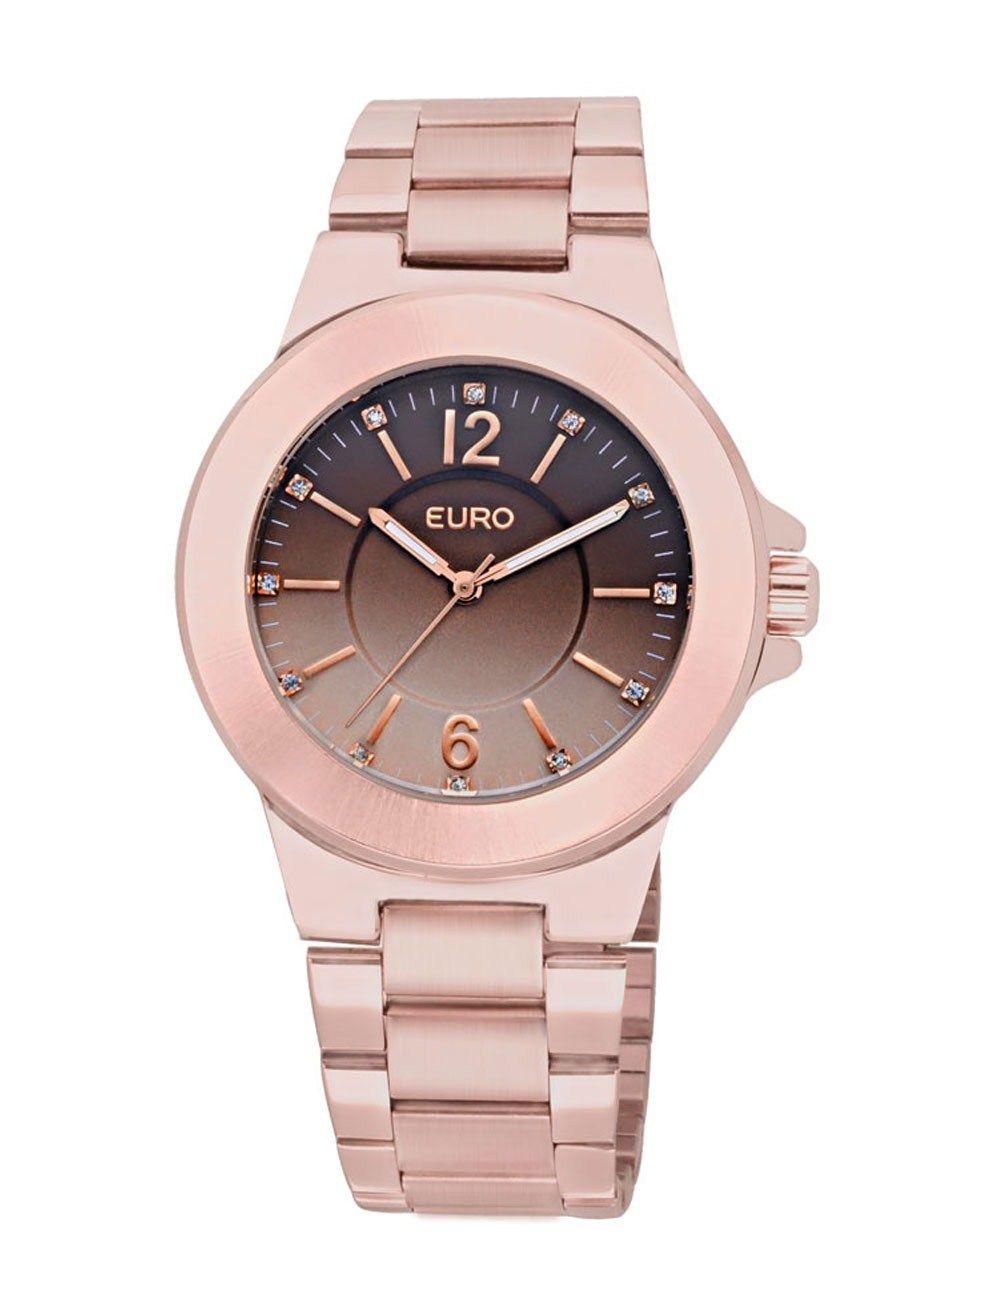 64e59865b4b Relógio Feminino Analógico Euro Menen EU2035QT 4T - Rose Gold - Relógios no  E-Euro